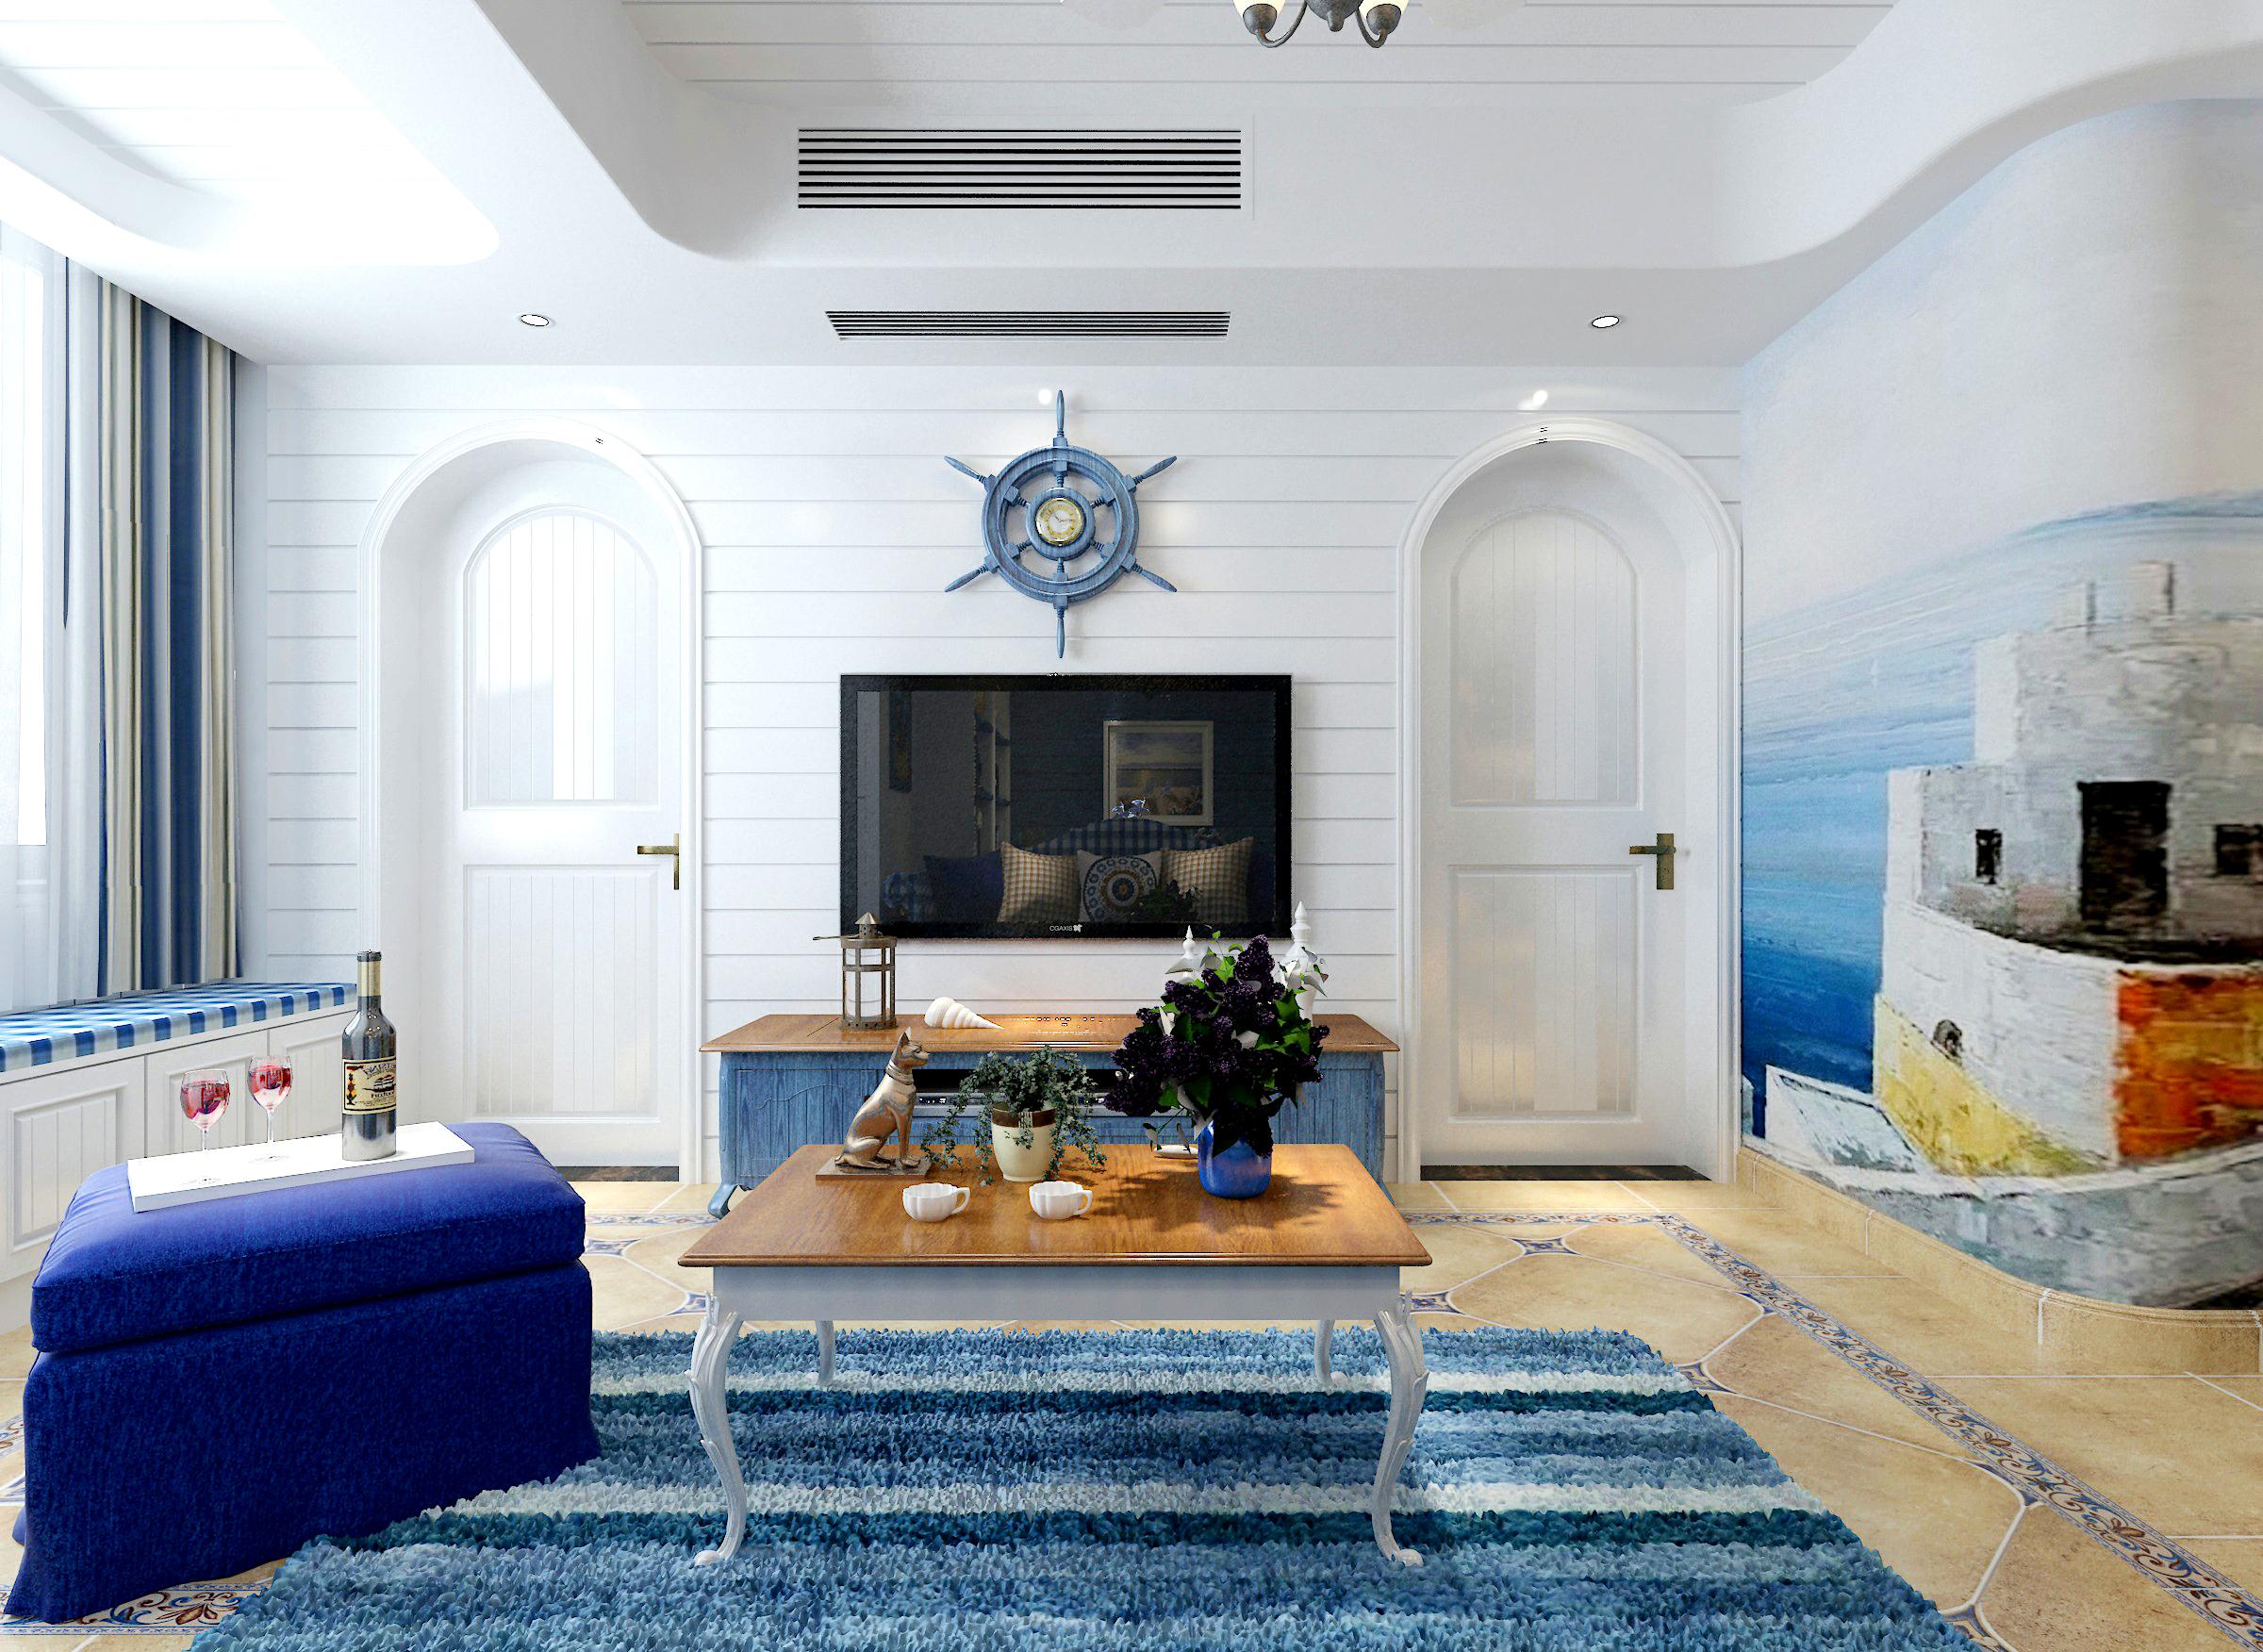 三居室地中海风格家电视背景墙图片